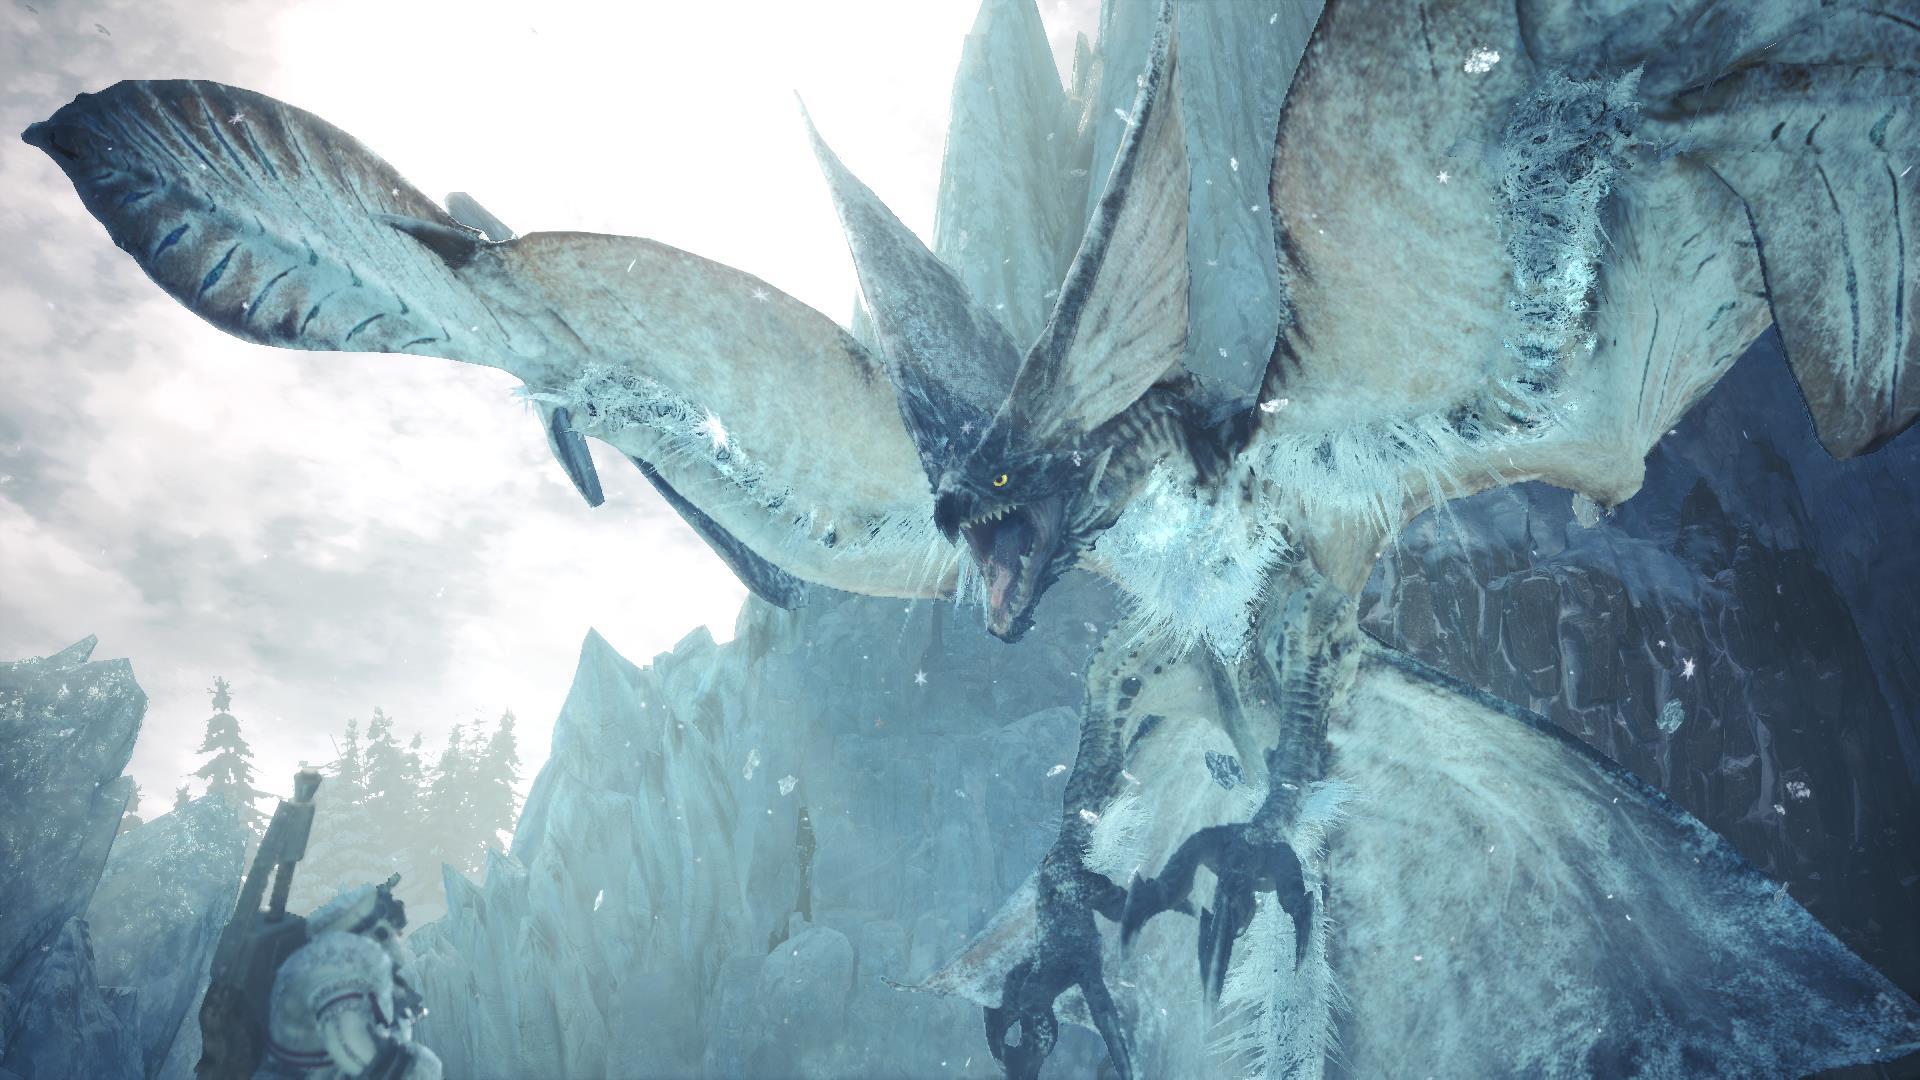 monster hunter world iceborne wallpaper 68455